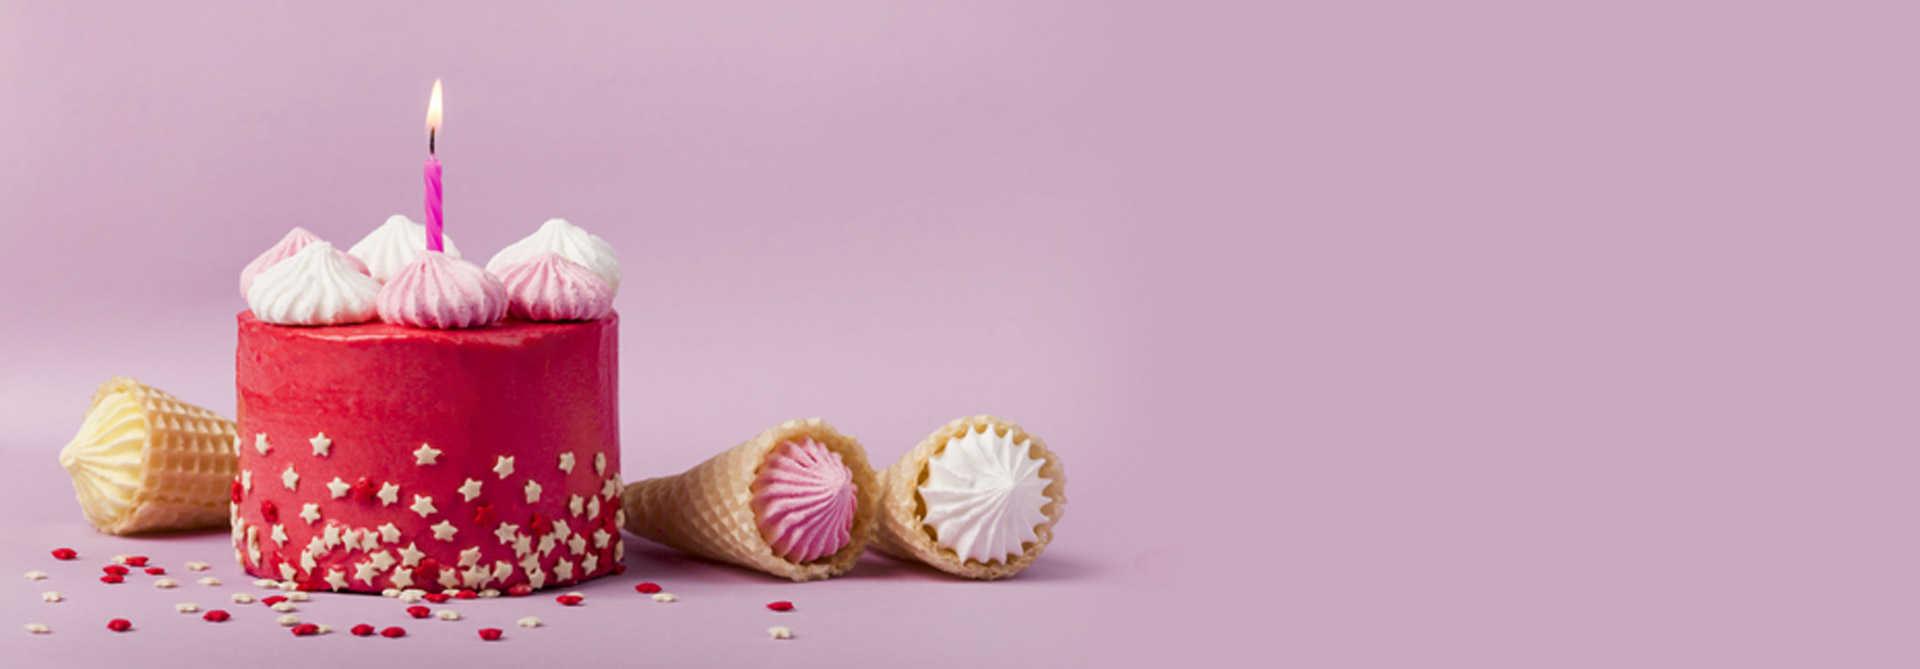 Send Cake to Bojnourd | Order Cake in Bojnourd | Florists inexpensively | Bojnourd Florist | Bojnourd Cake